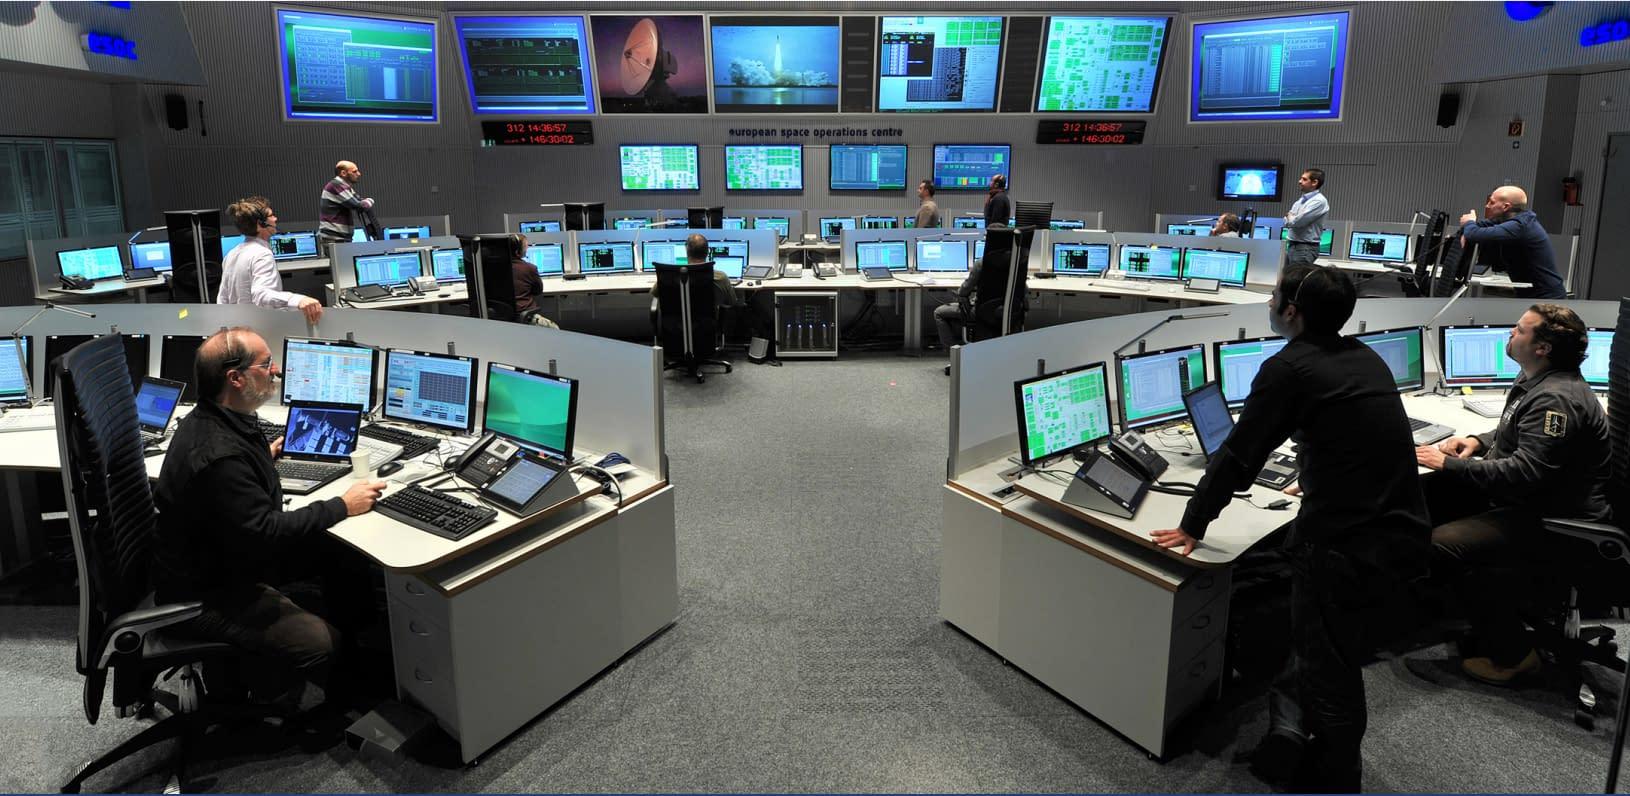 Employees monitoring telecommunication